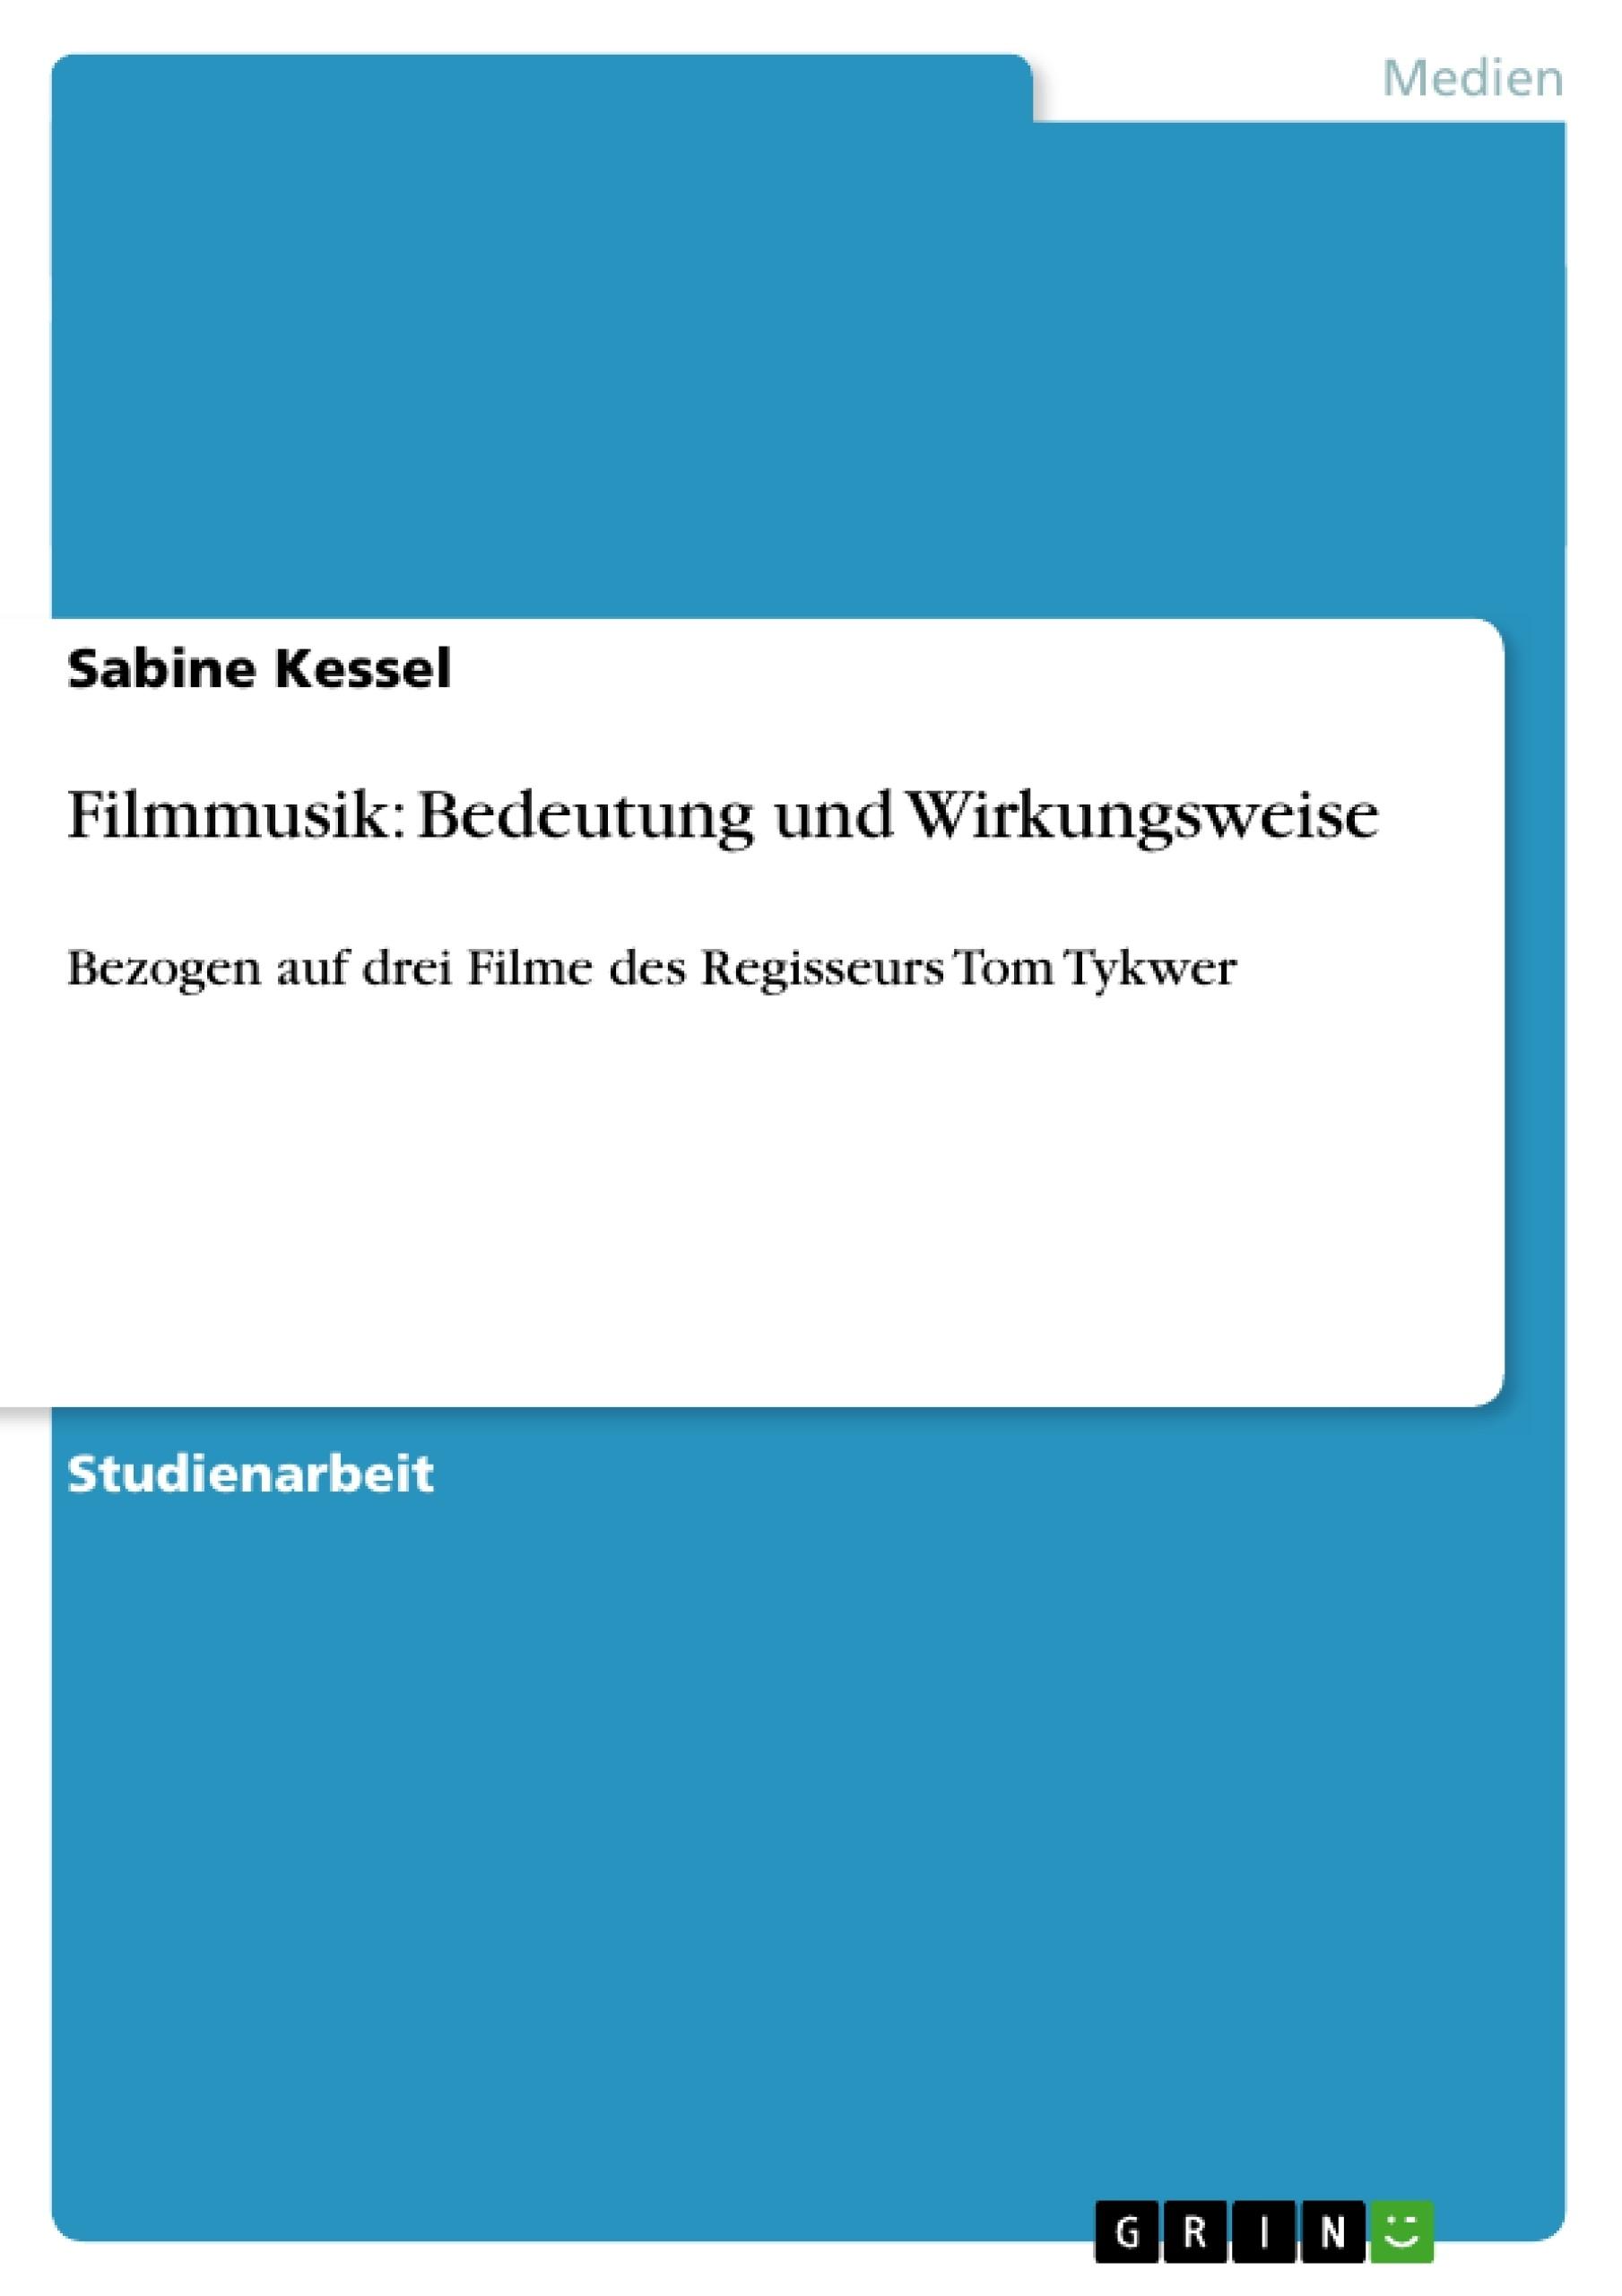 Titel: Filmmusik: Bedeutung und Wirkungsweise